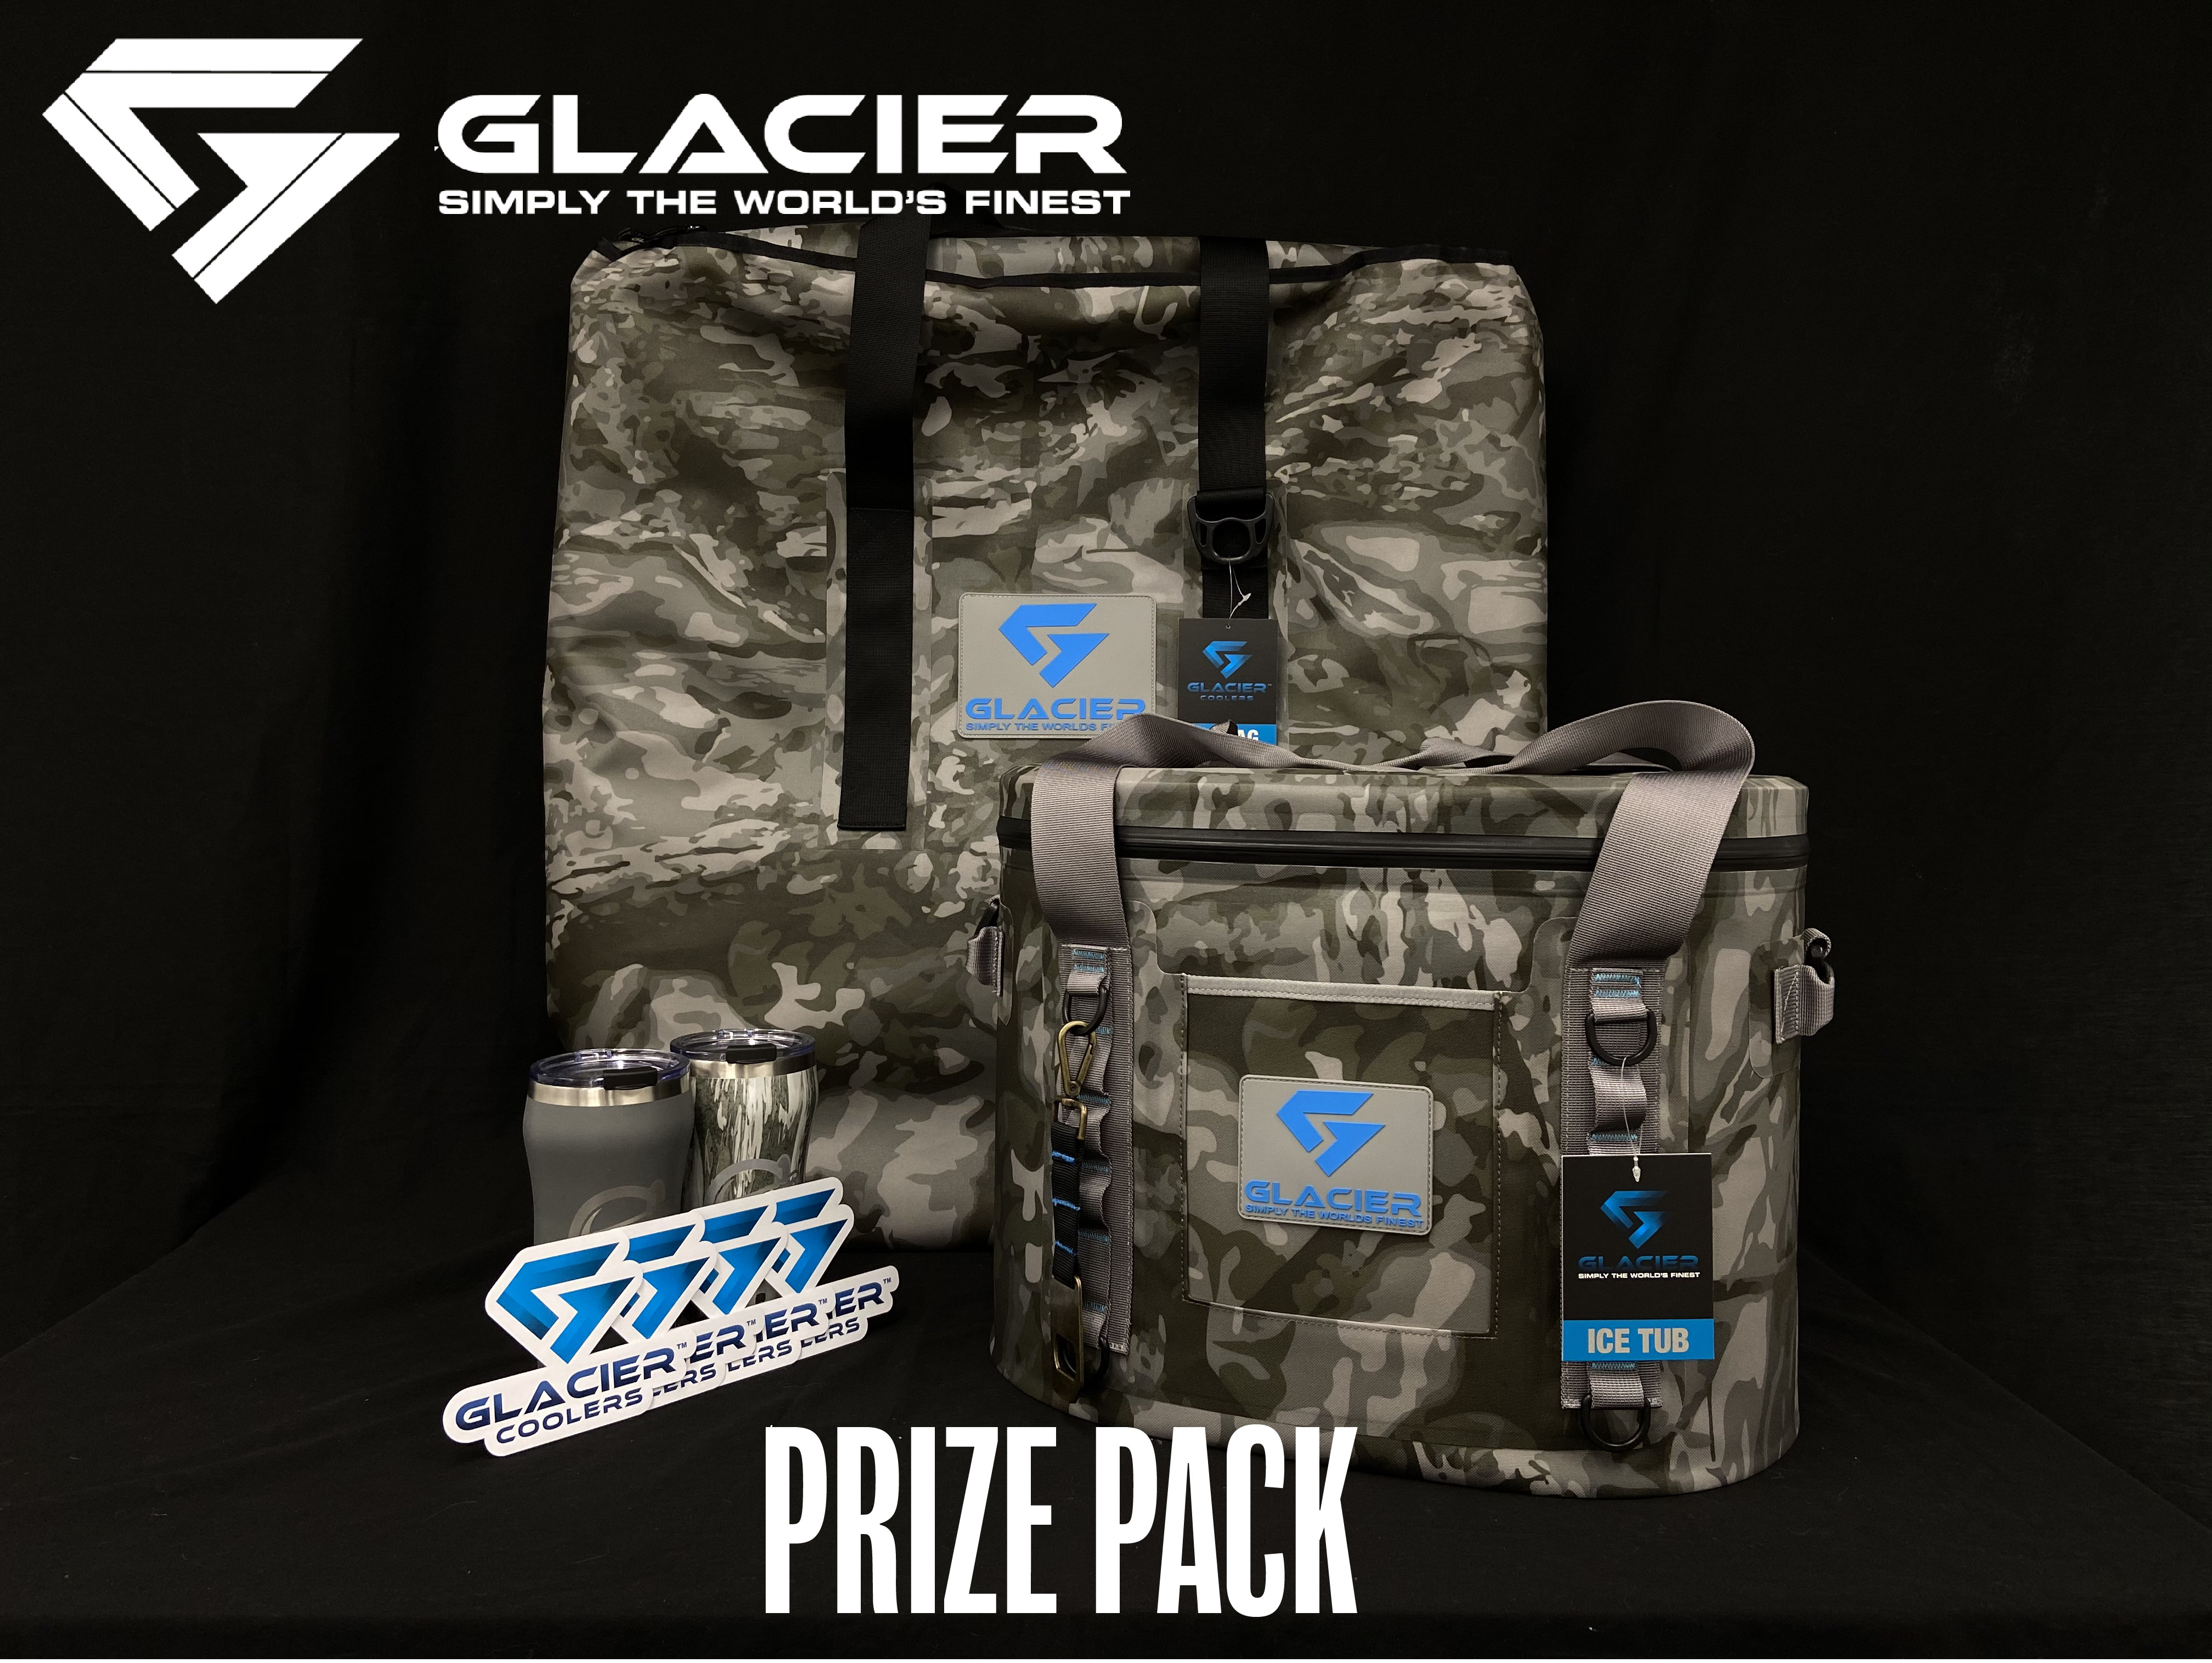 YakAtatck 40K Giveaway - Glacier Coolers